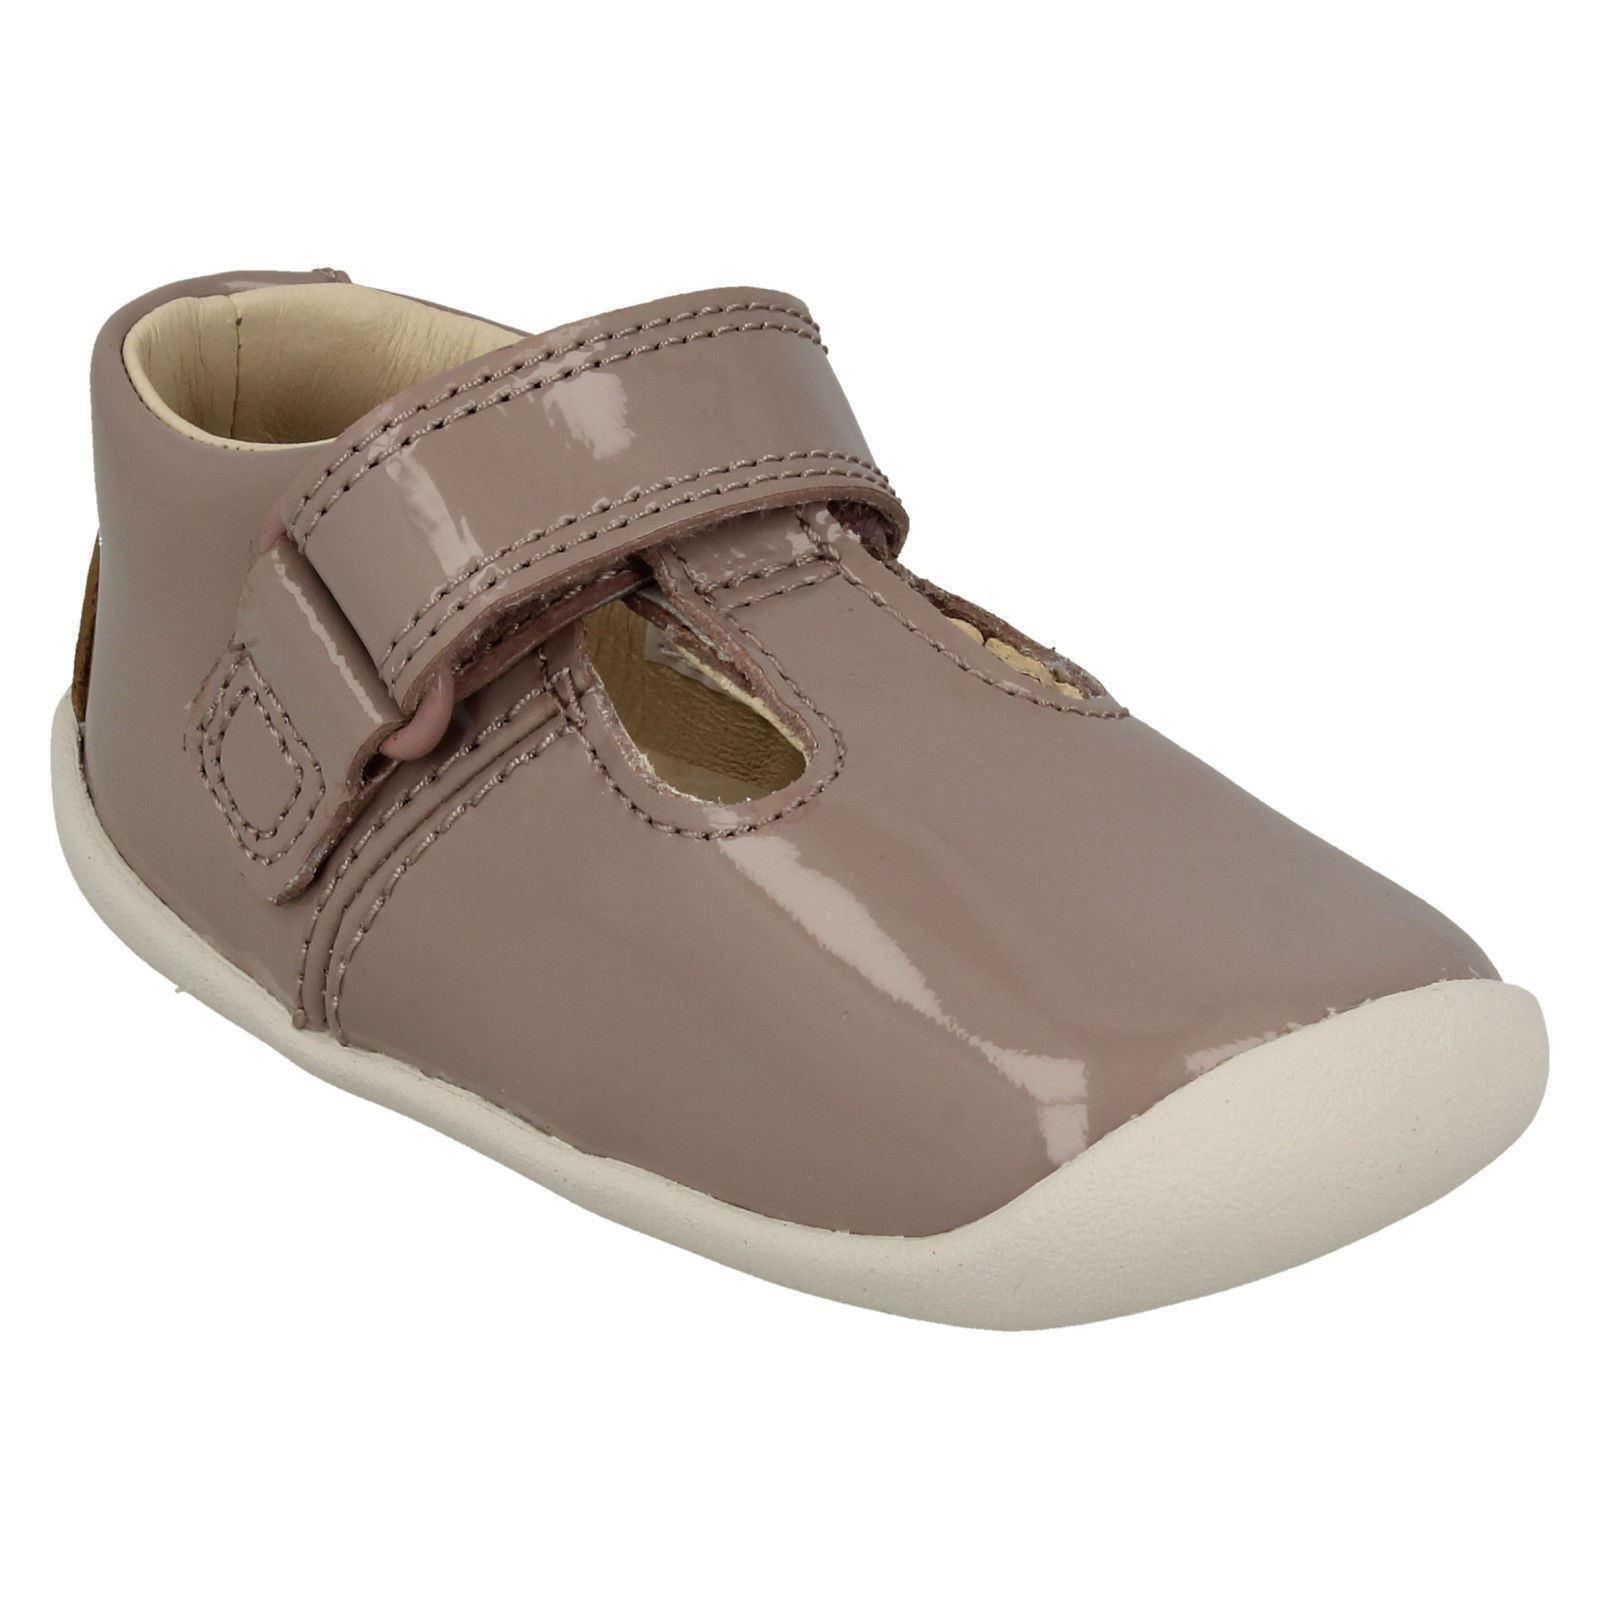 /'Girls Clarks T-Bar/' First Shoes Roamer Go